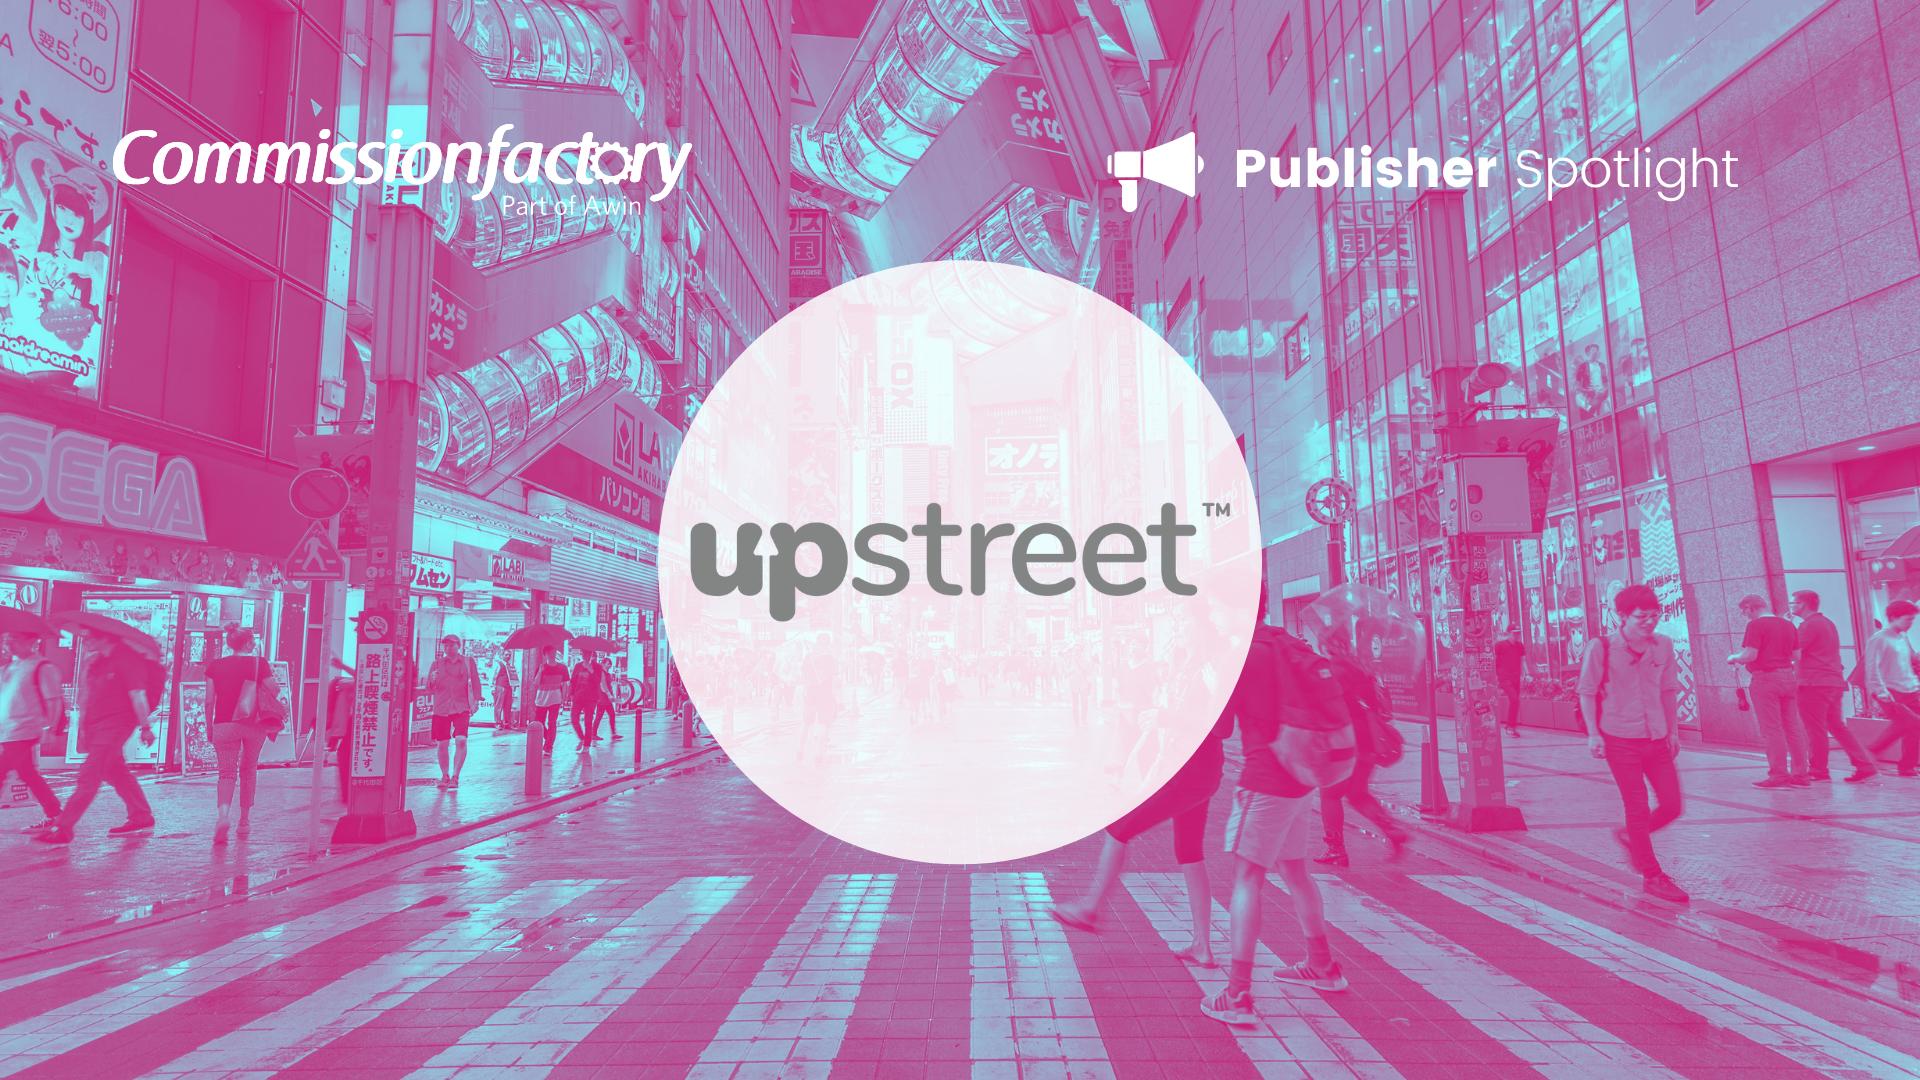 Upstreet Publisher Spotlight